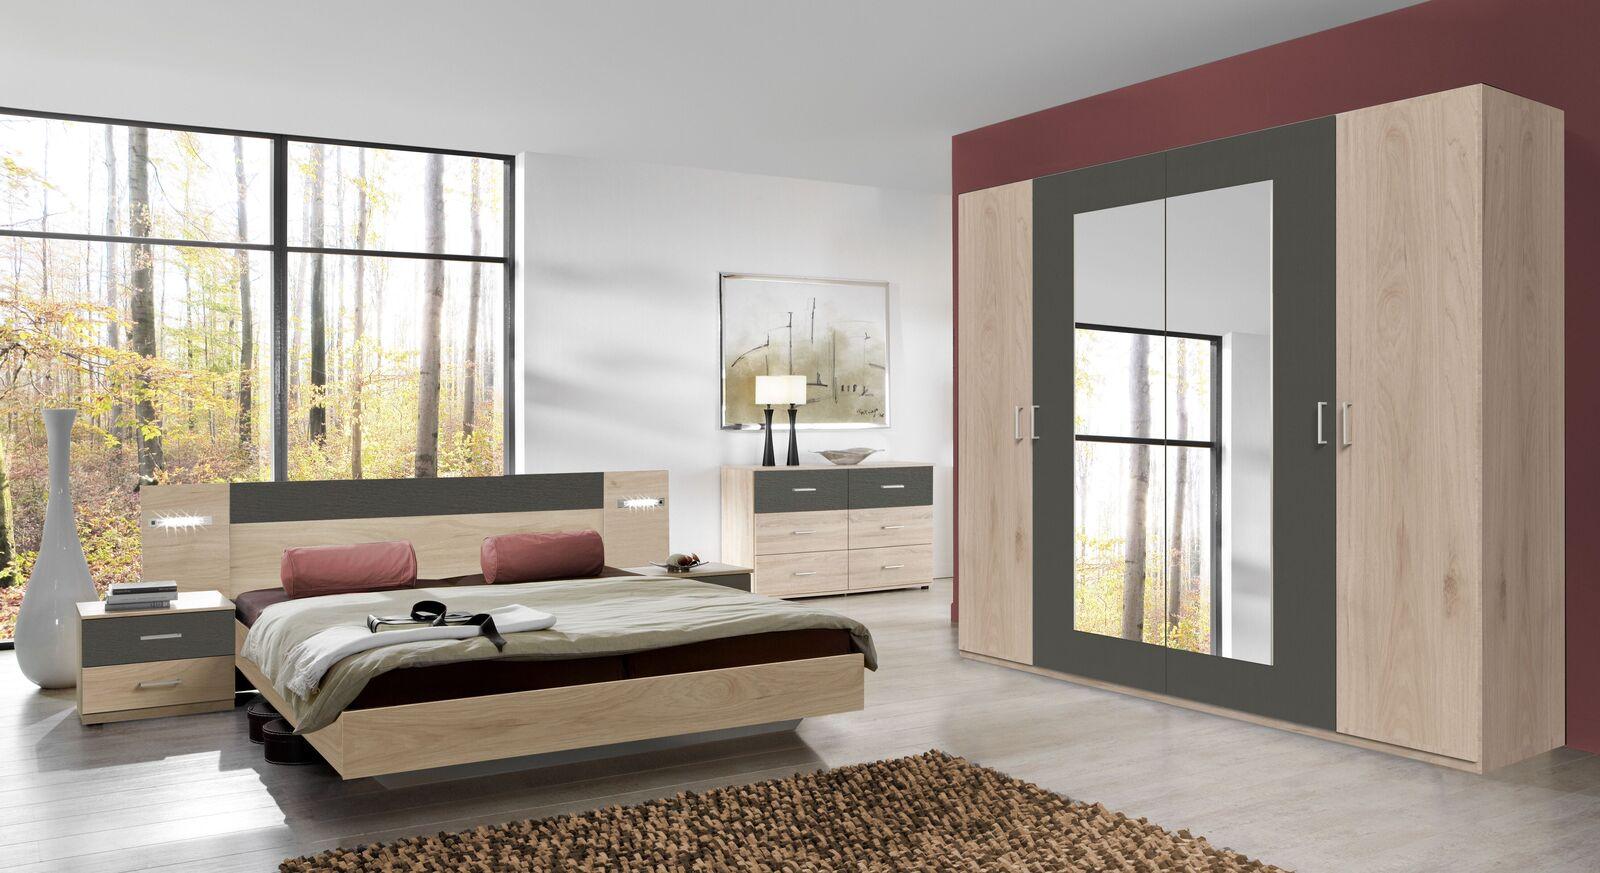 Drehtüren-Kleiderschrank Pahoa mit passenden Schlafzimmermöbeln